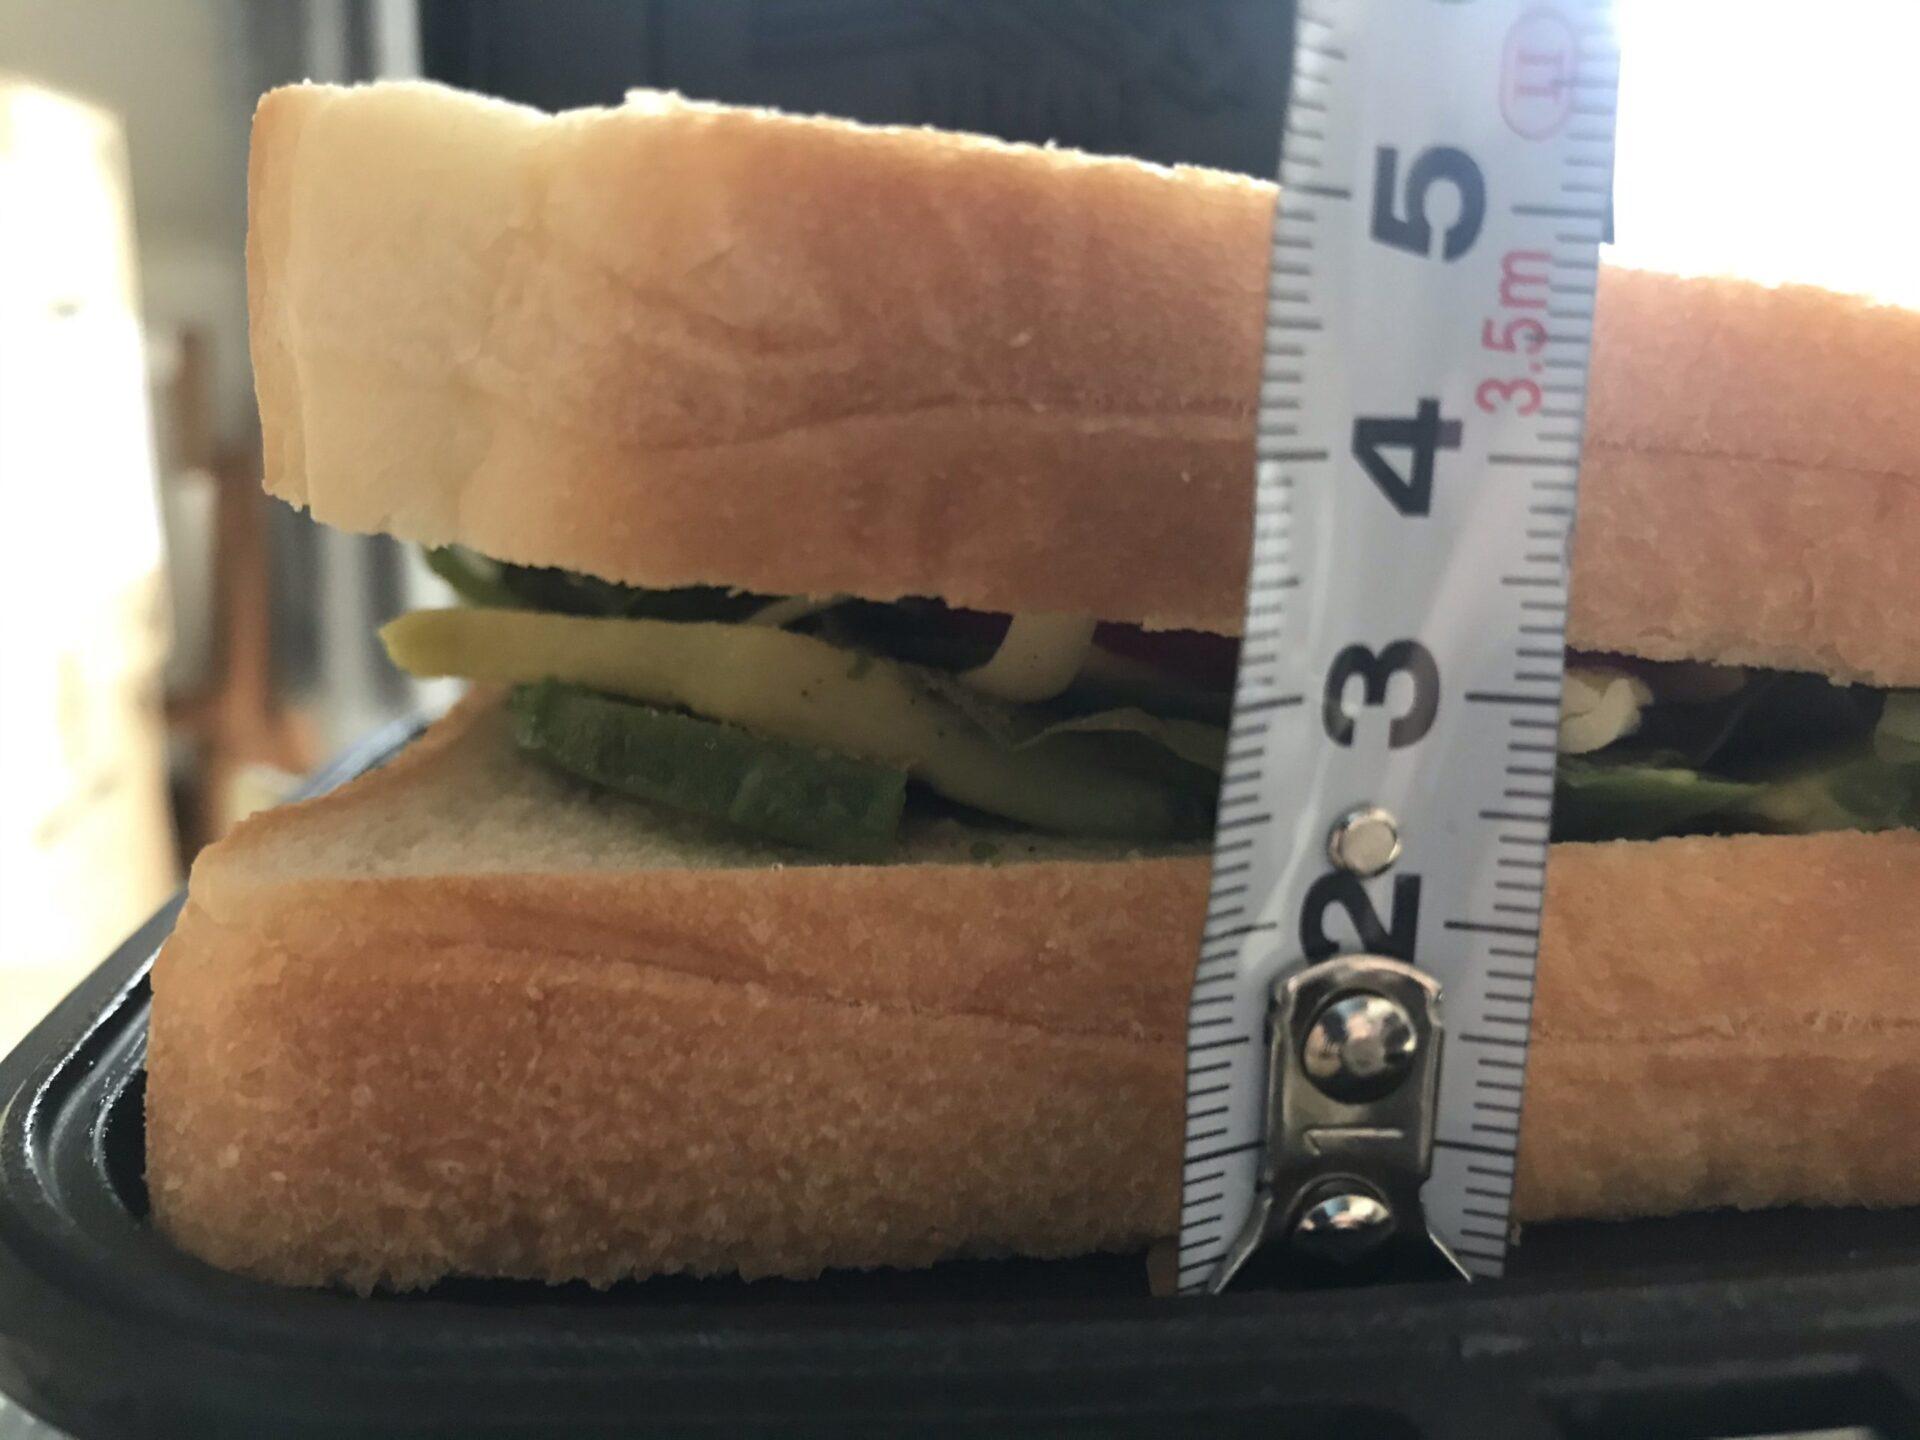 TSBBQのホットサンドメーカ-は厚さ5㎝なら余裕で挟める